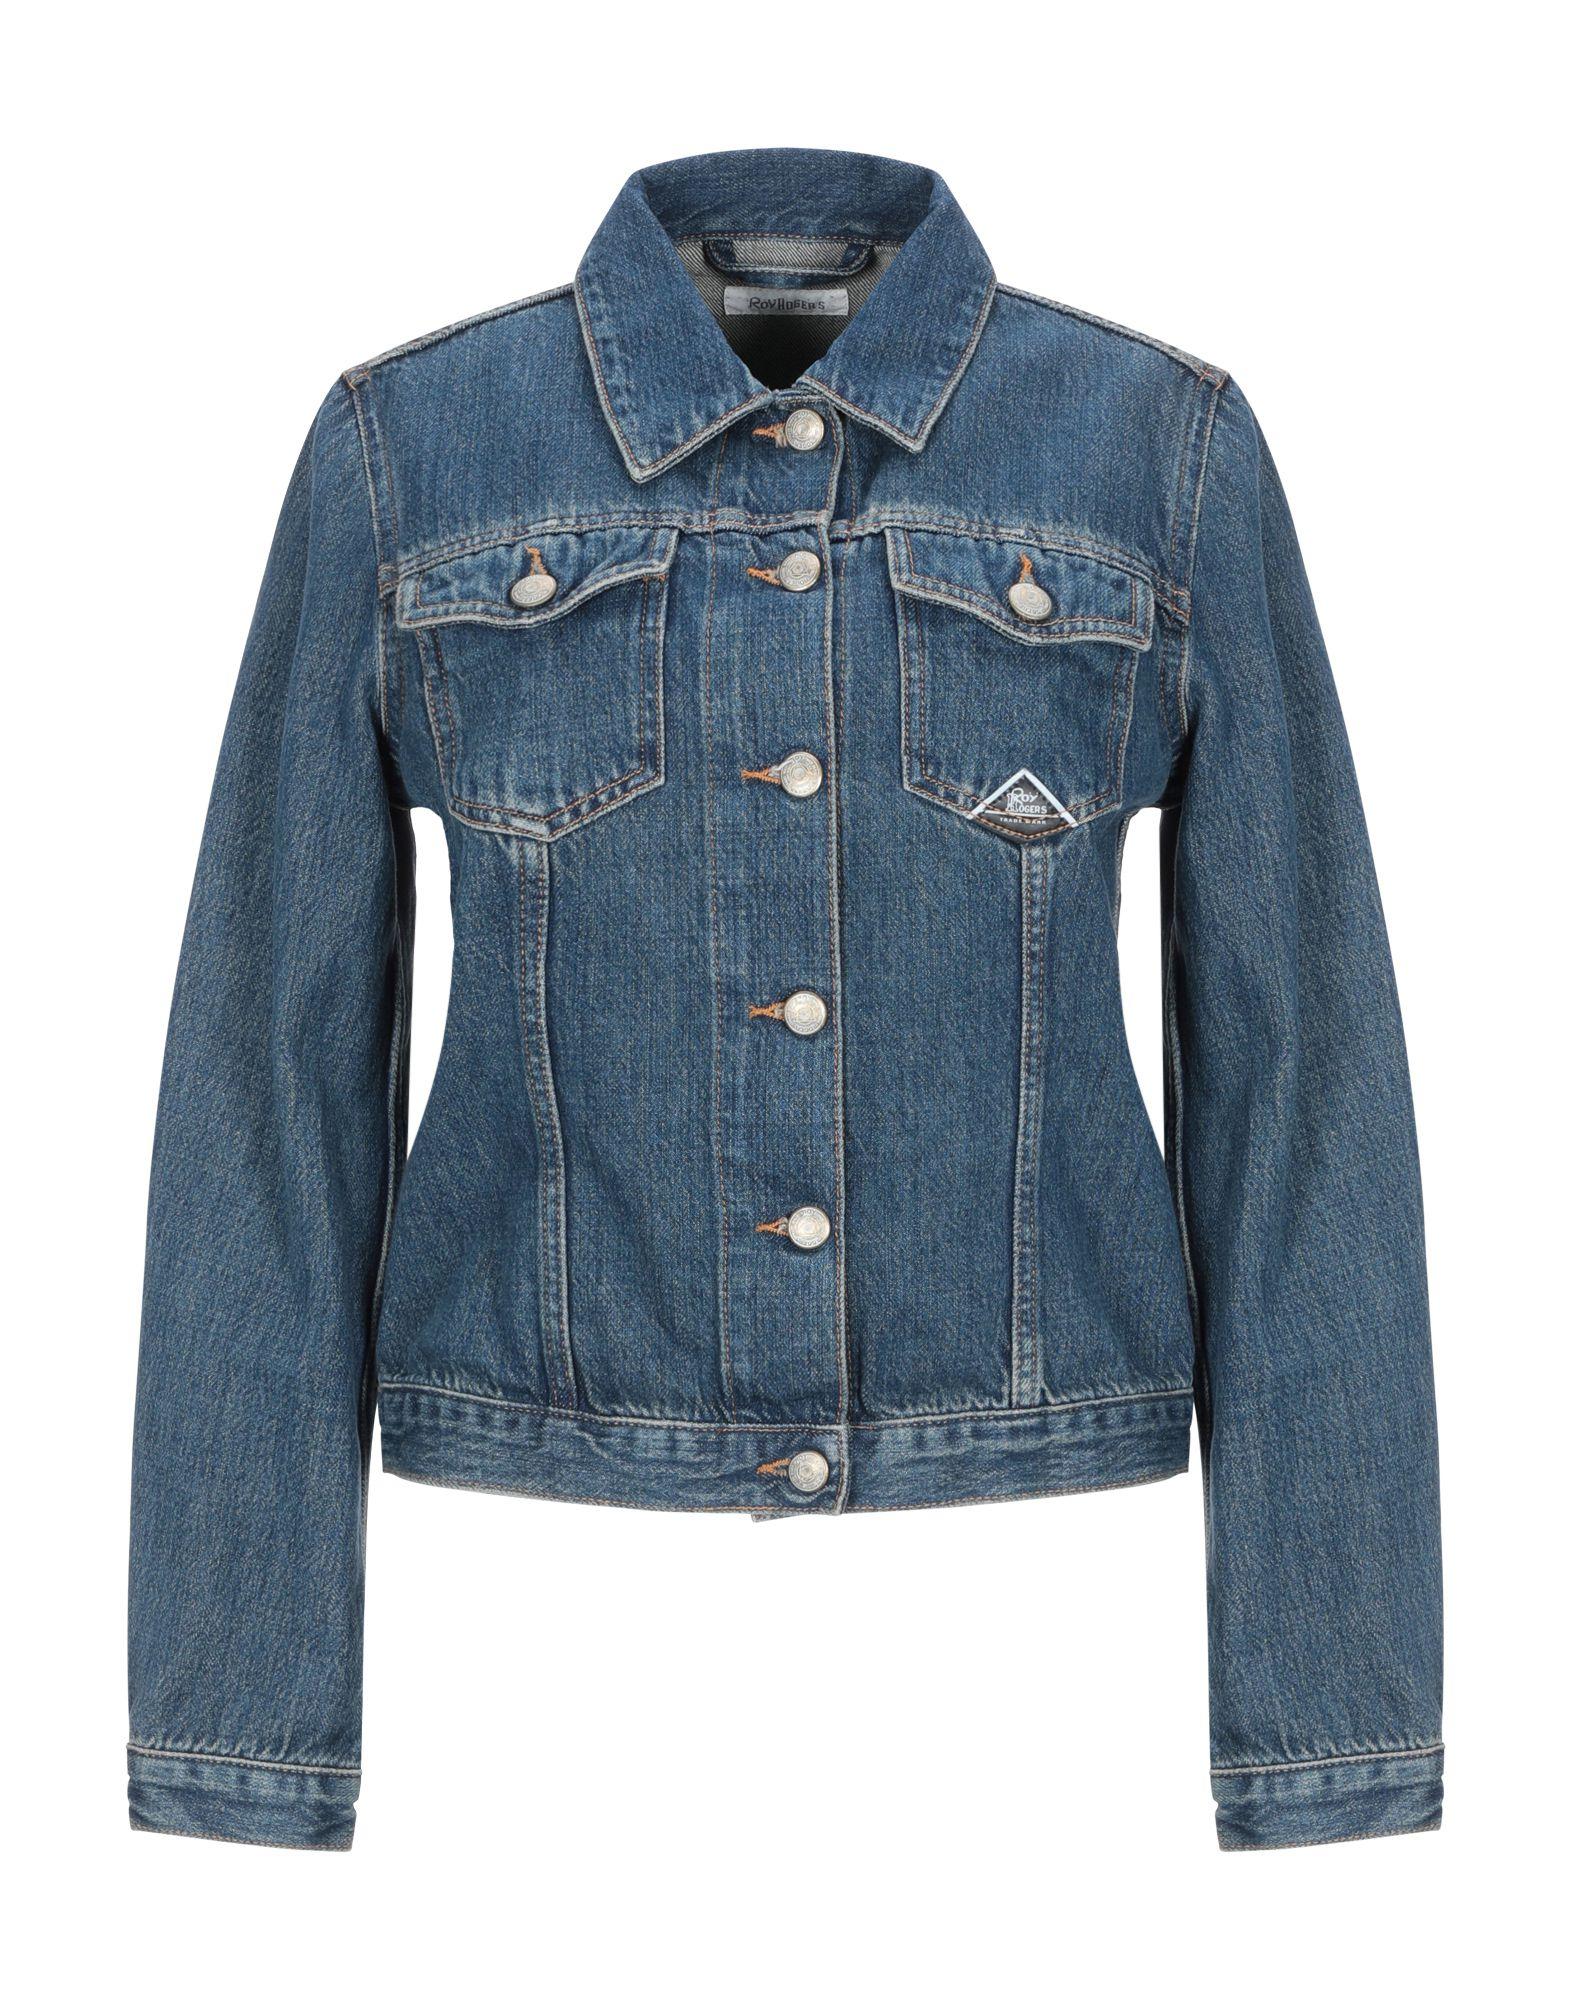 Фото - ROŸ ROGER'S Джинсовая верхняя одежда goldsign джинсовая верхняя одежда